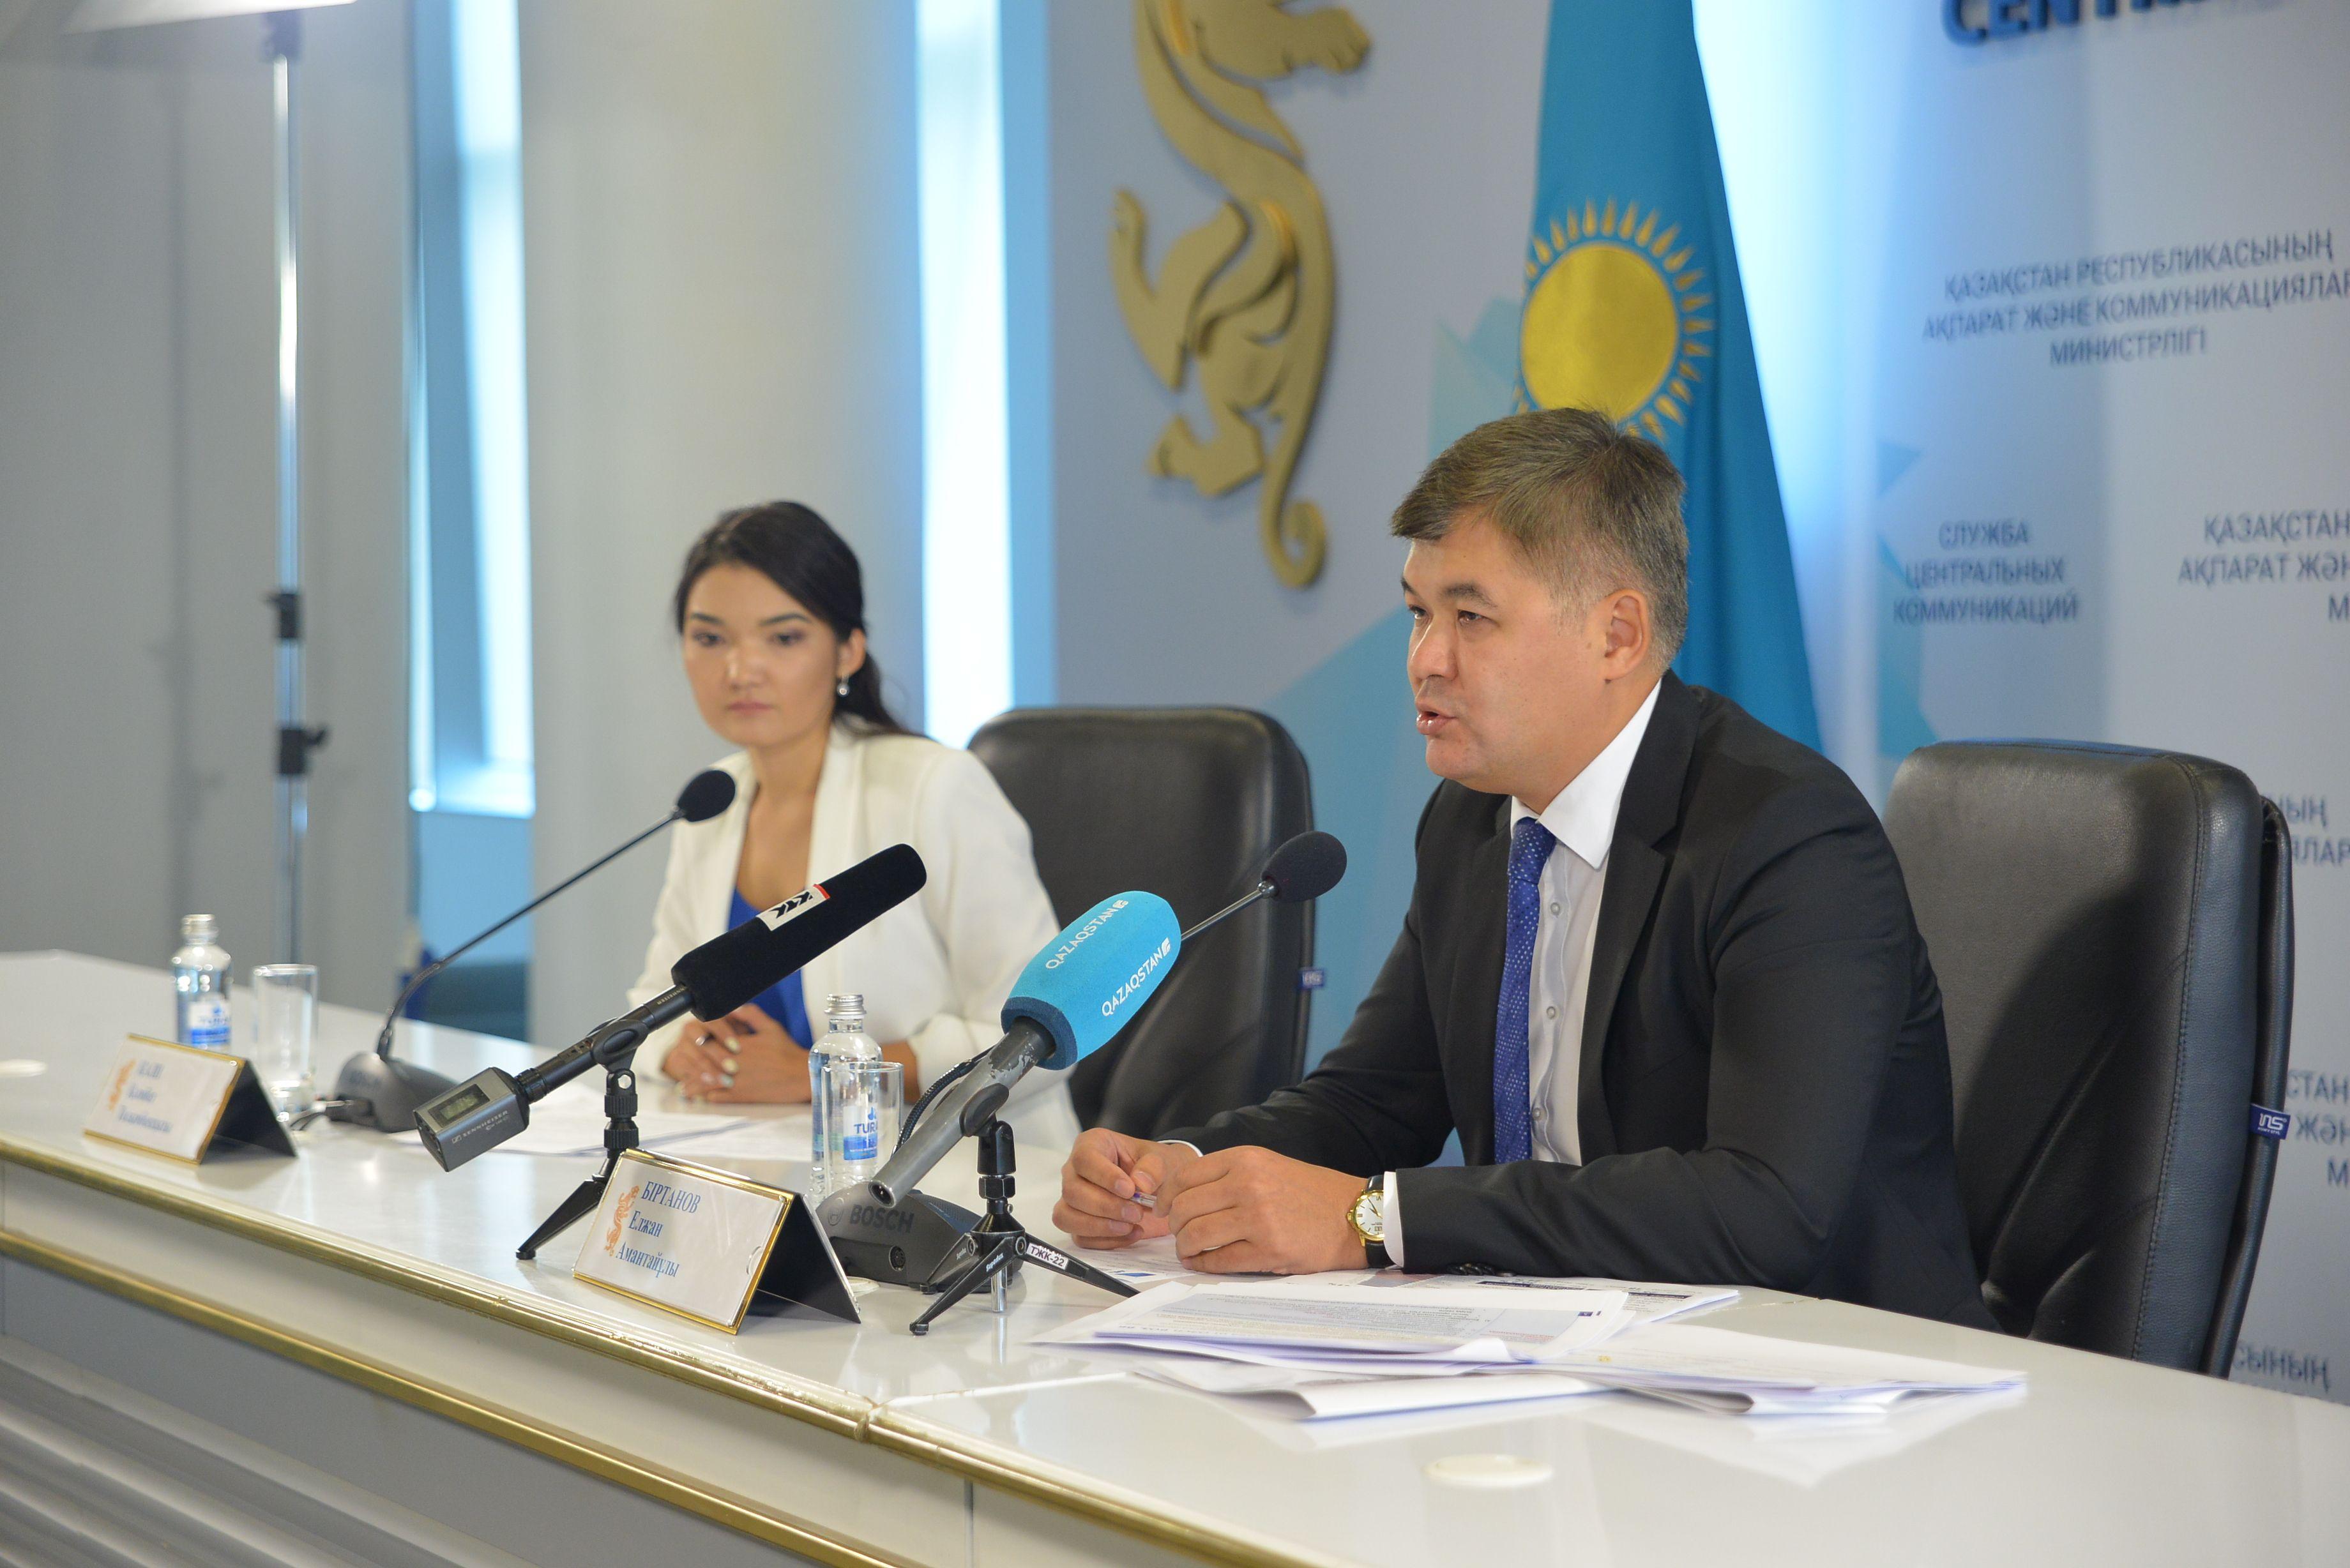 Елжан Биртанов рассказал обинвестициях всферу здравоохранения- Kapital.kz